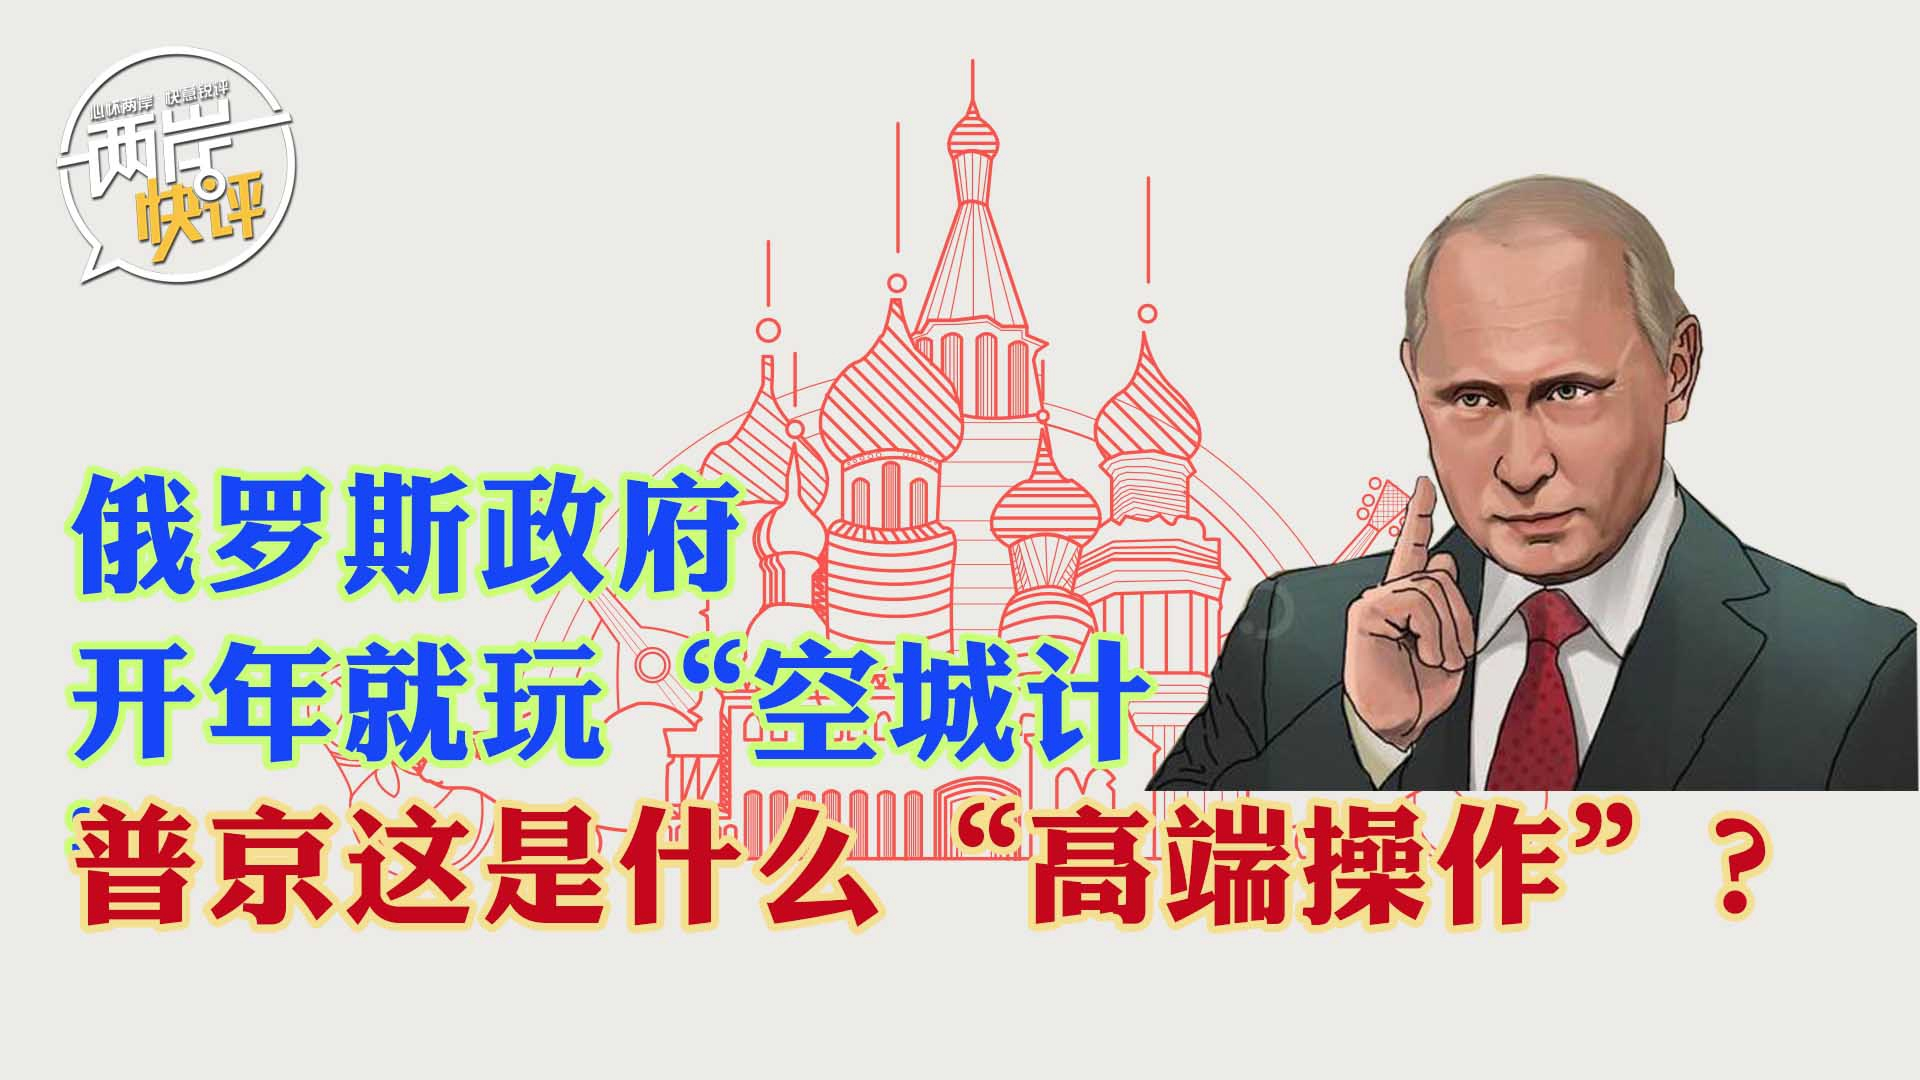 """普京掀起的""""俄式地震""""到底是什么""""高端操作""""?"""